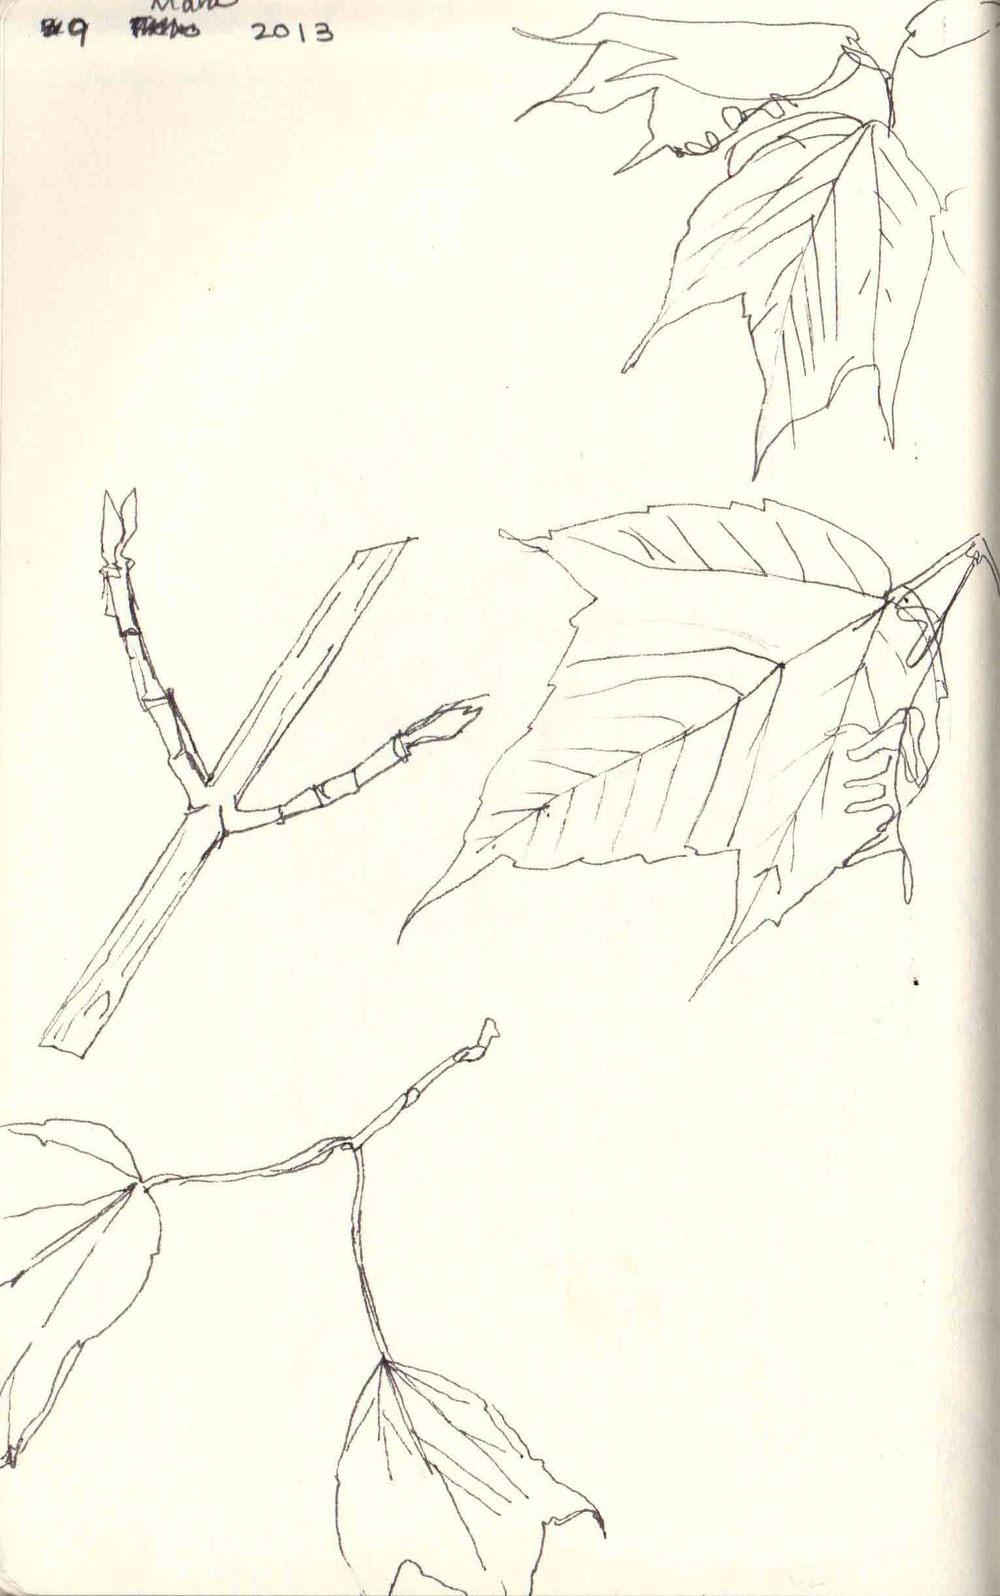 03_09.jpg